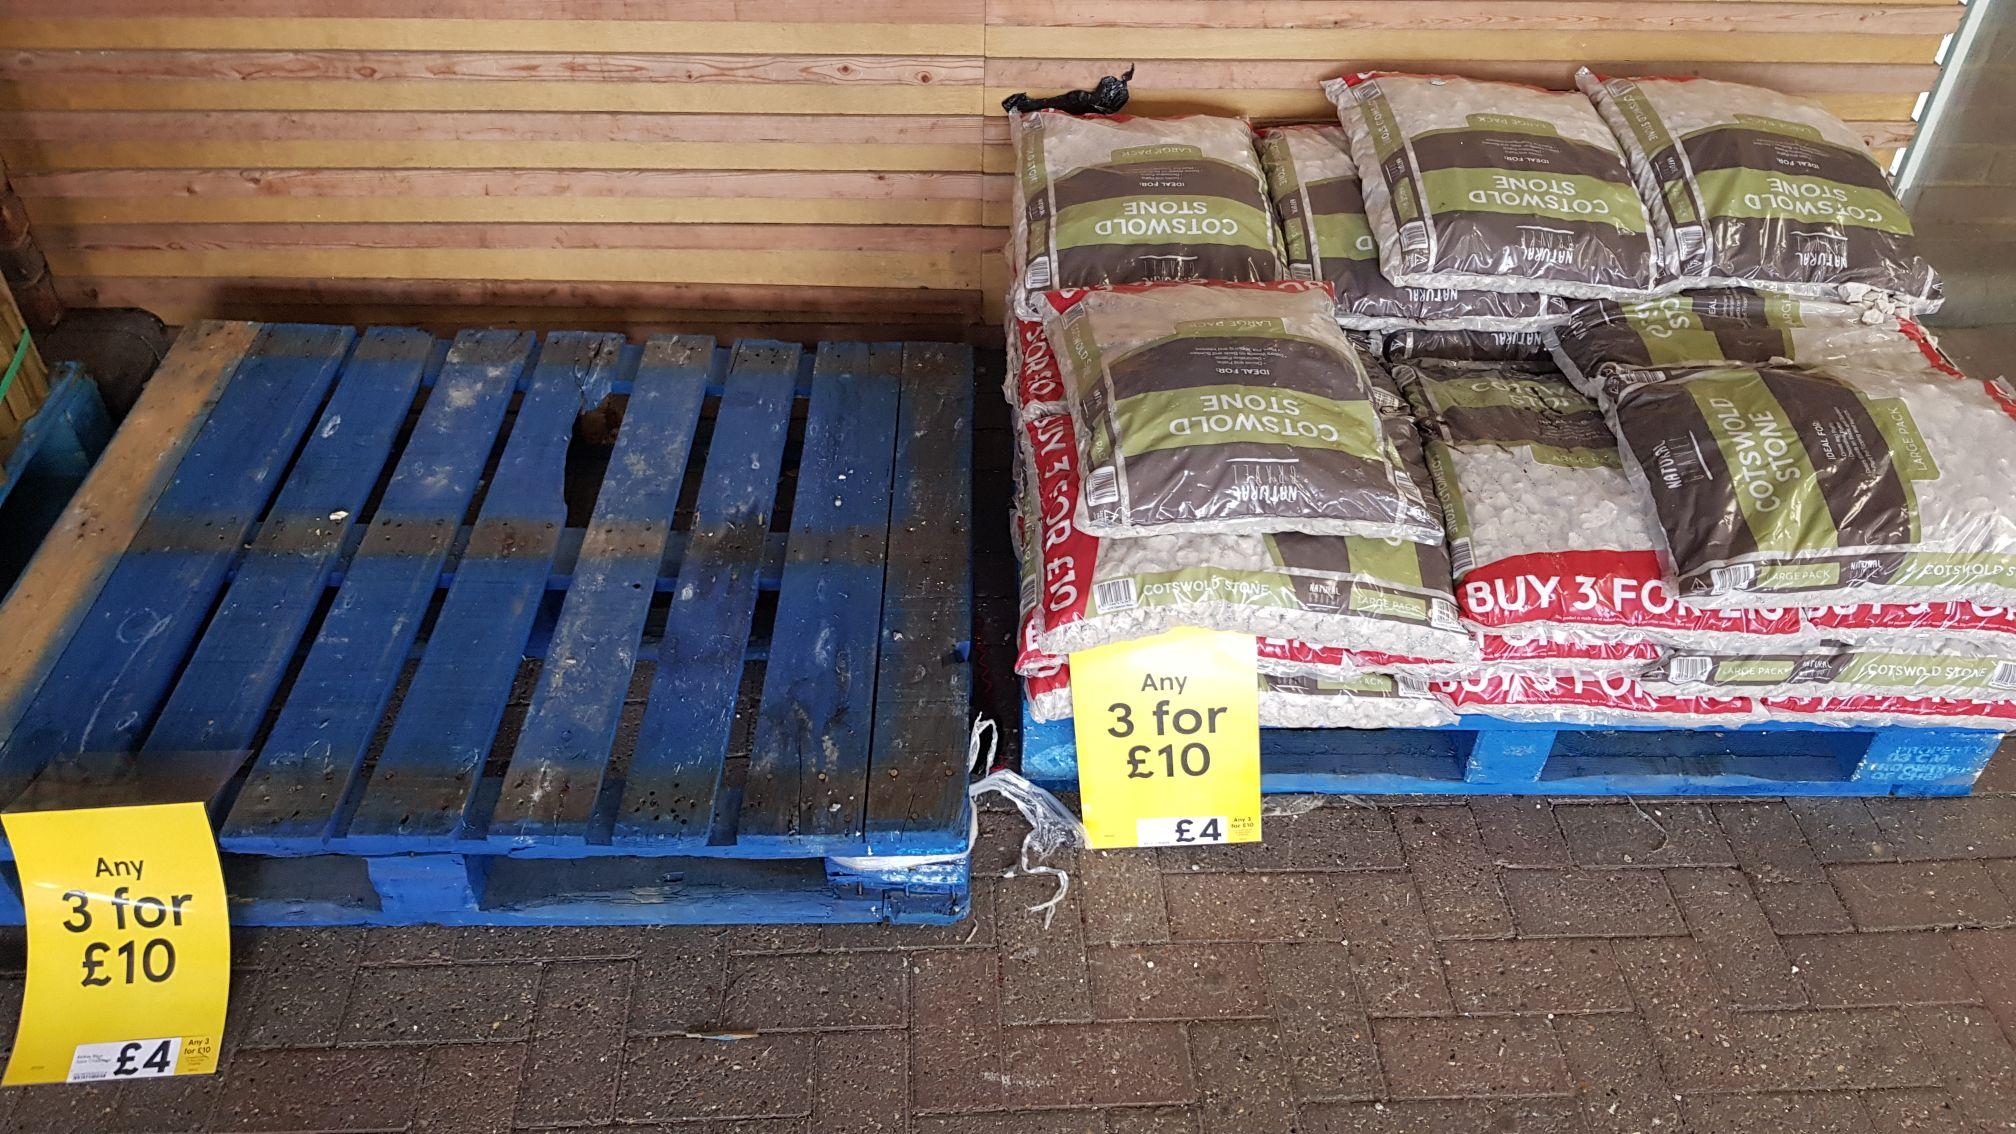 Tesco blue slate chippings 3 bags for £10 Instore